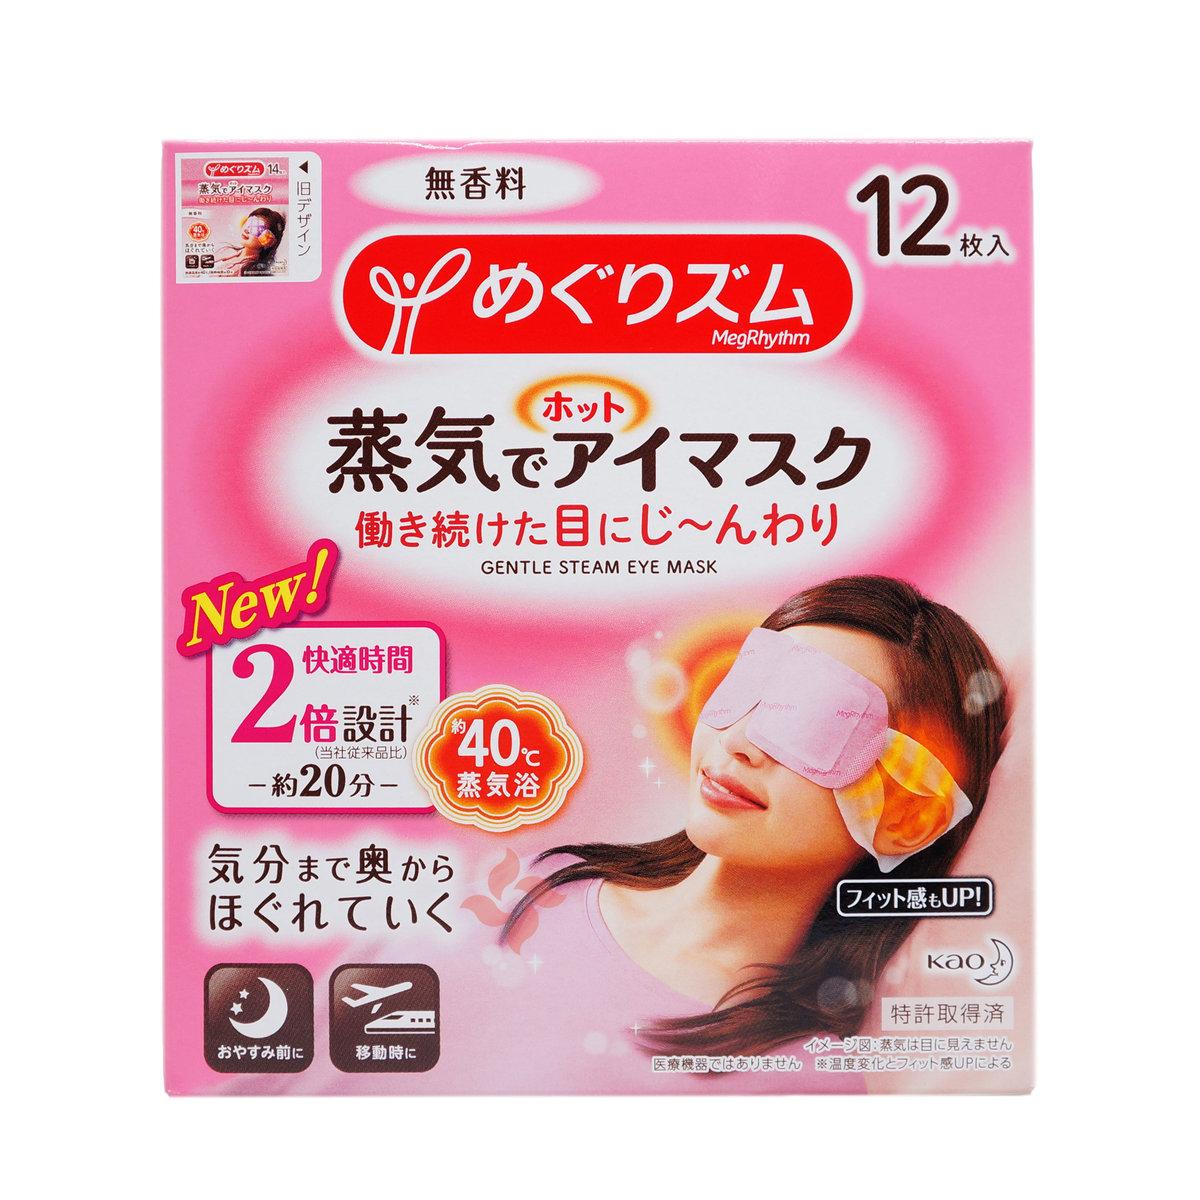 花王  蒸氣眼罩(2倍時效) 無香味 12枚 (4901301348029)